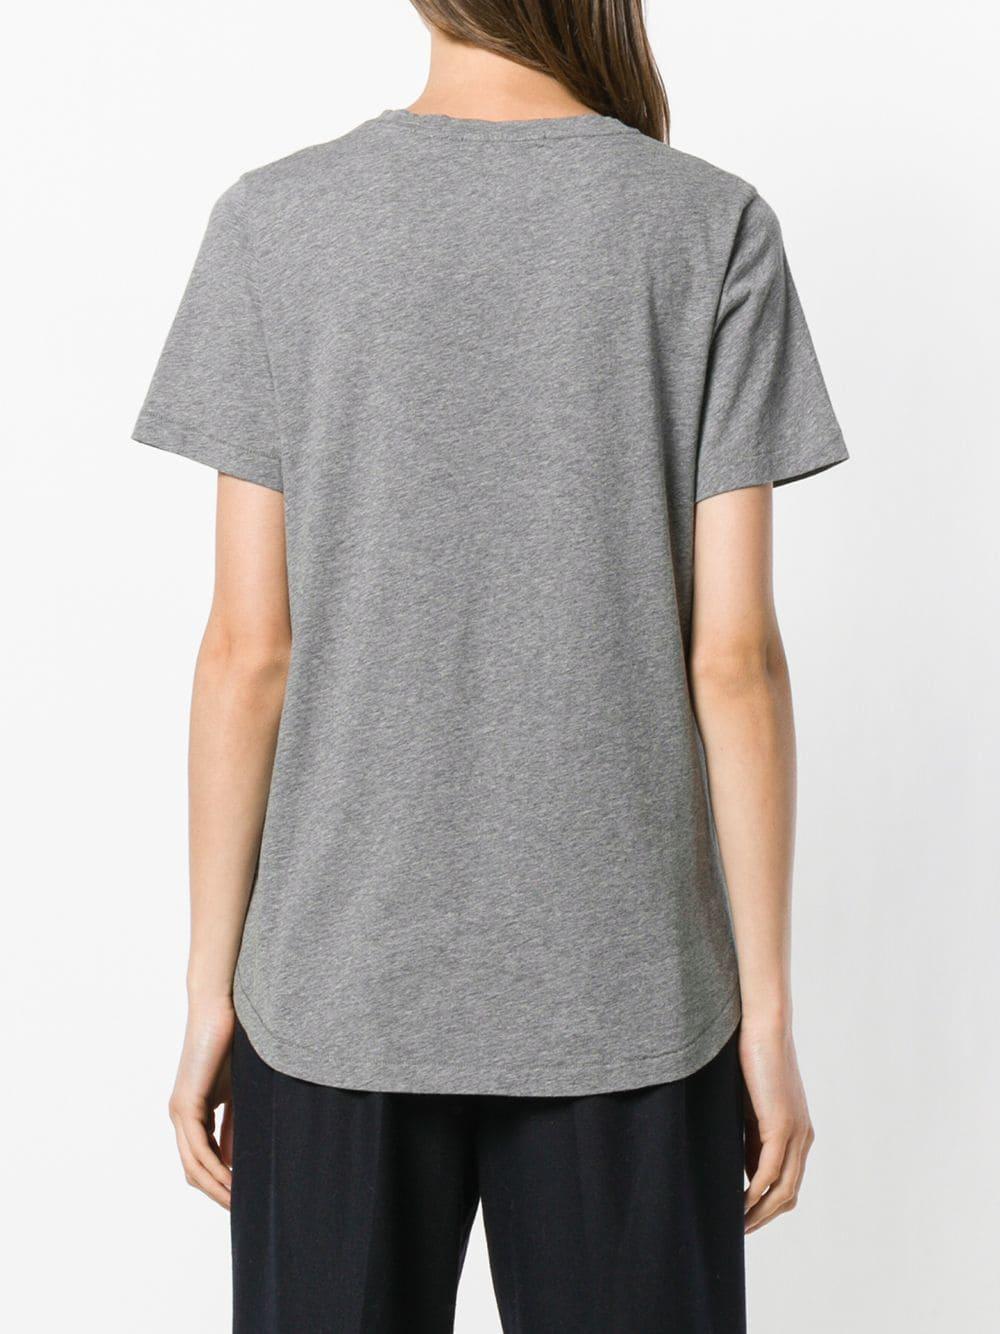 Corazones Camiseta Corazones Con Gris Bordados Camiseta Con dH5Ww1qH4